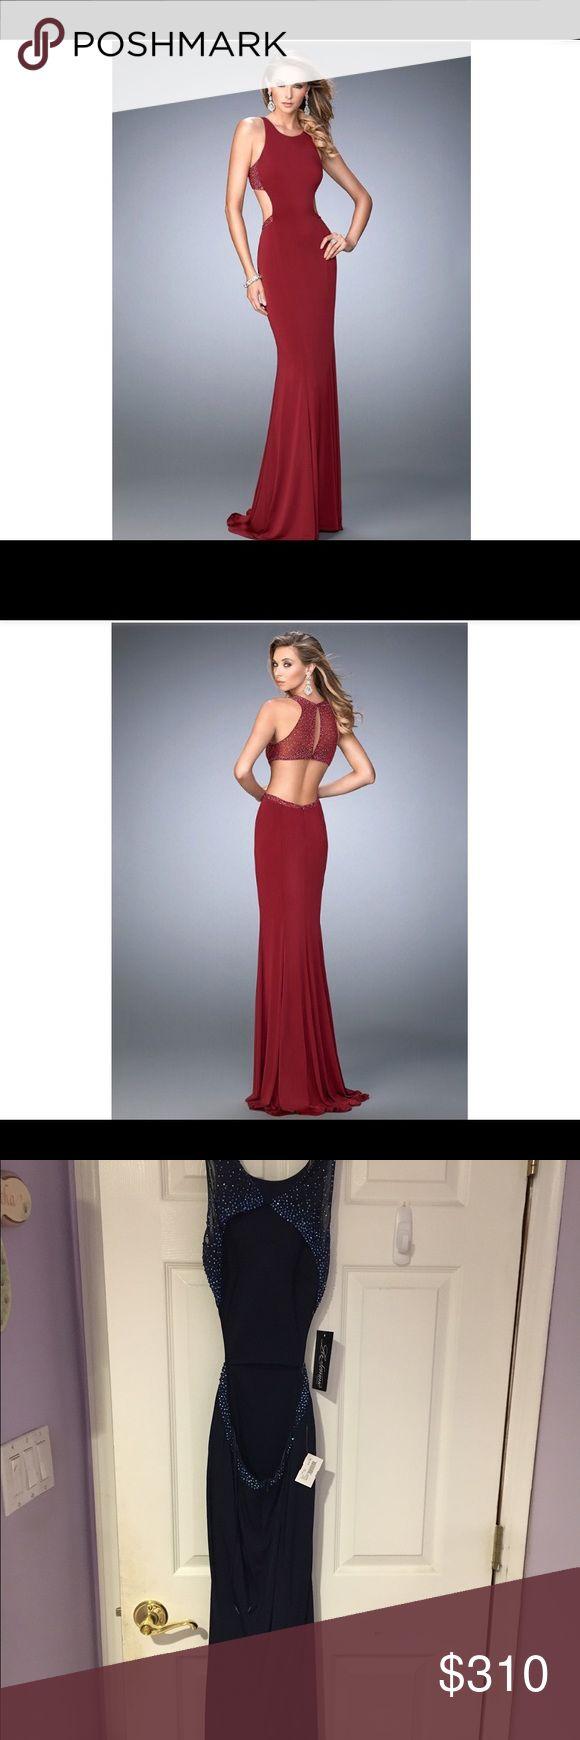 La femme prom dress Brand new, tags still attached, never worn. La femme prom dress in navy blue size 0-1 La Femme Dresses Prom